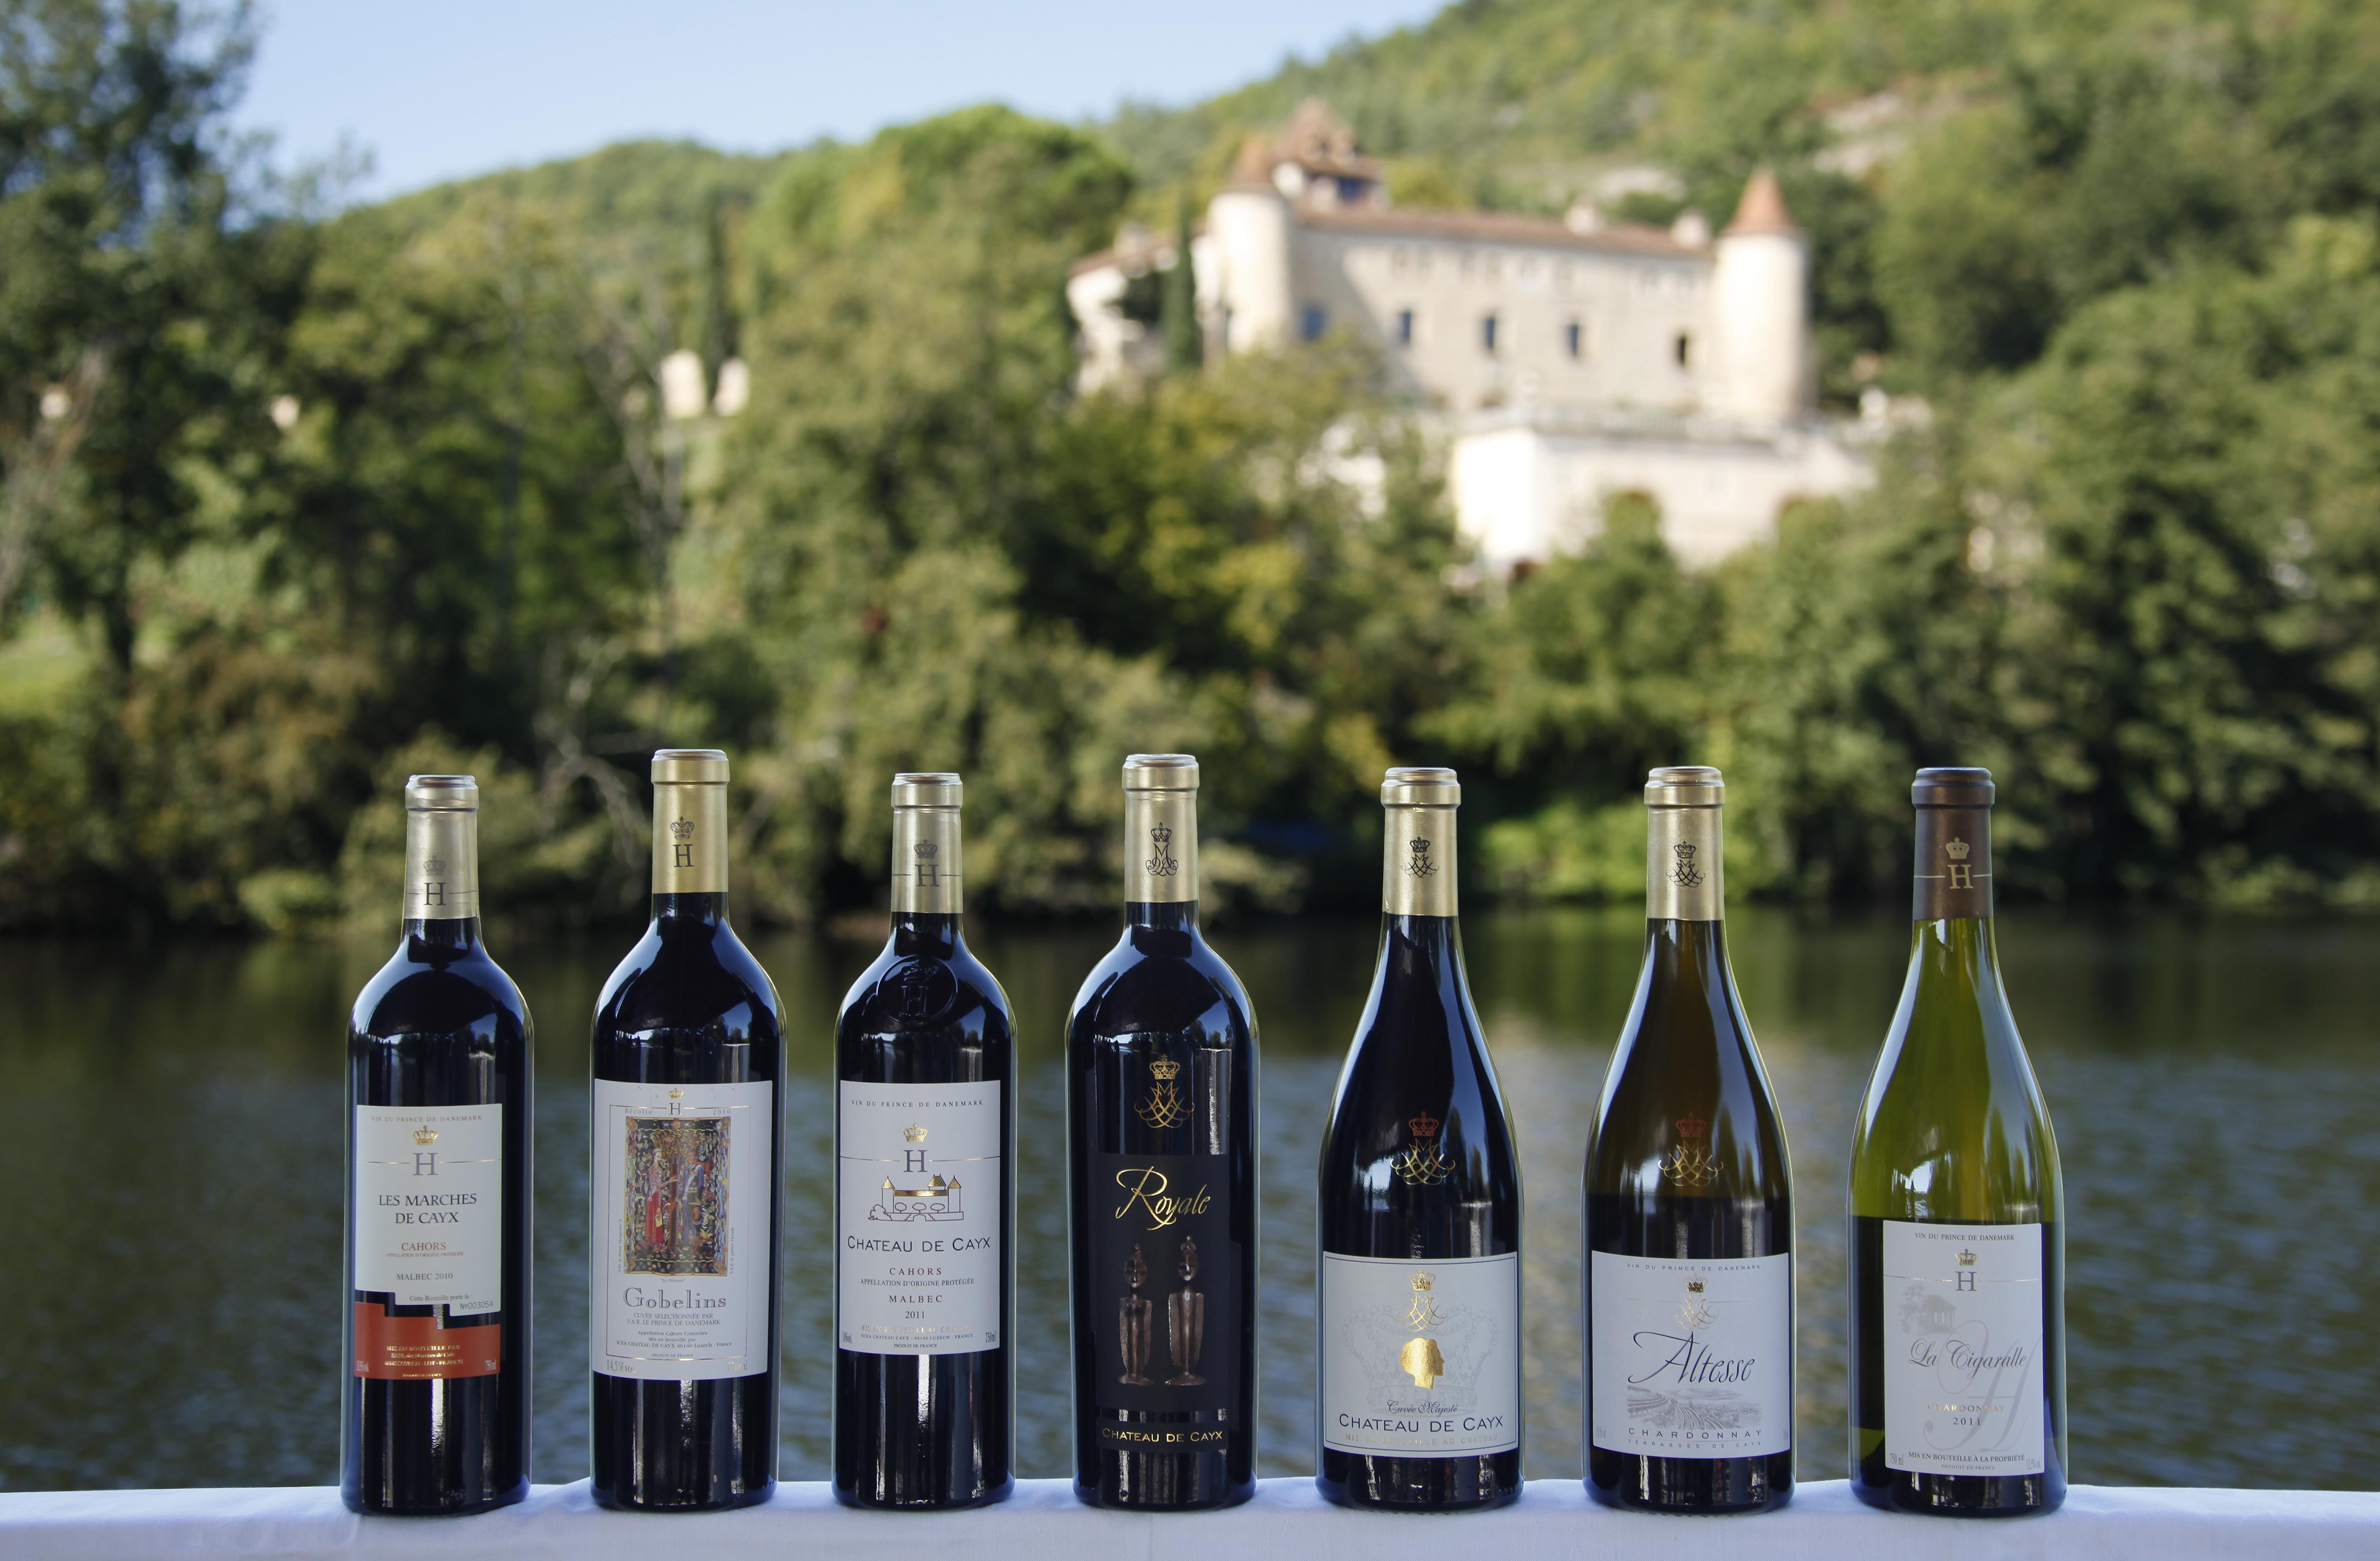 Vins de Chateau de Cayx